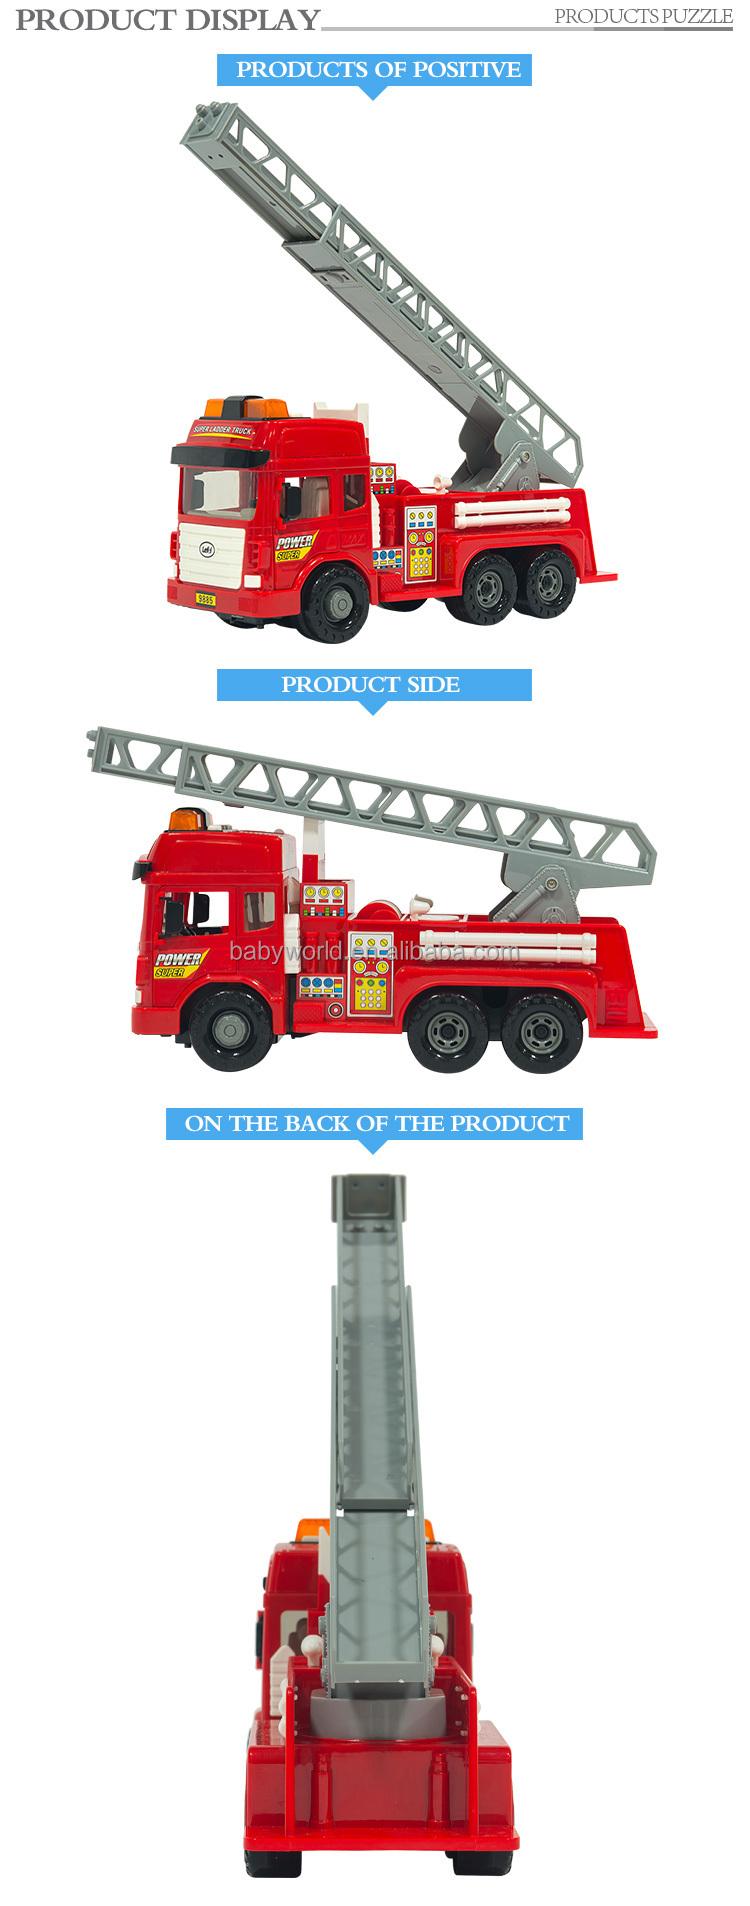 Lumière Pompier Buy Camion De Voiture Camion Frottement Son jouet jouet Pompier Jouet Et Échelle KcT513uJlF